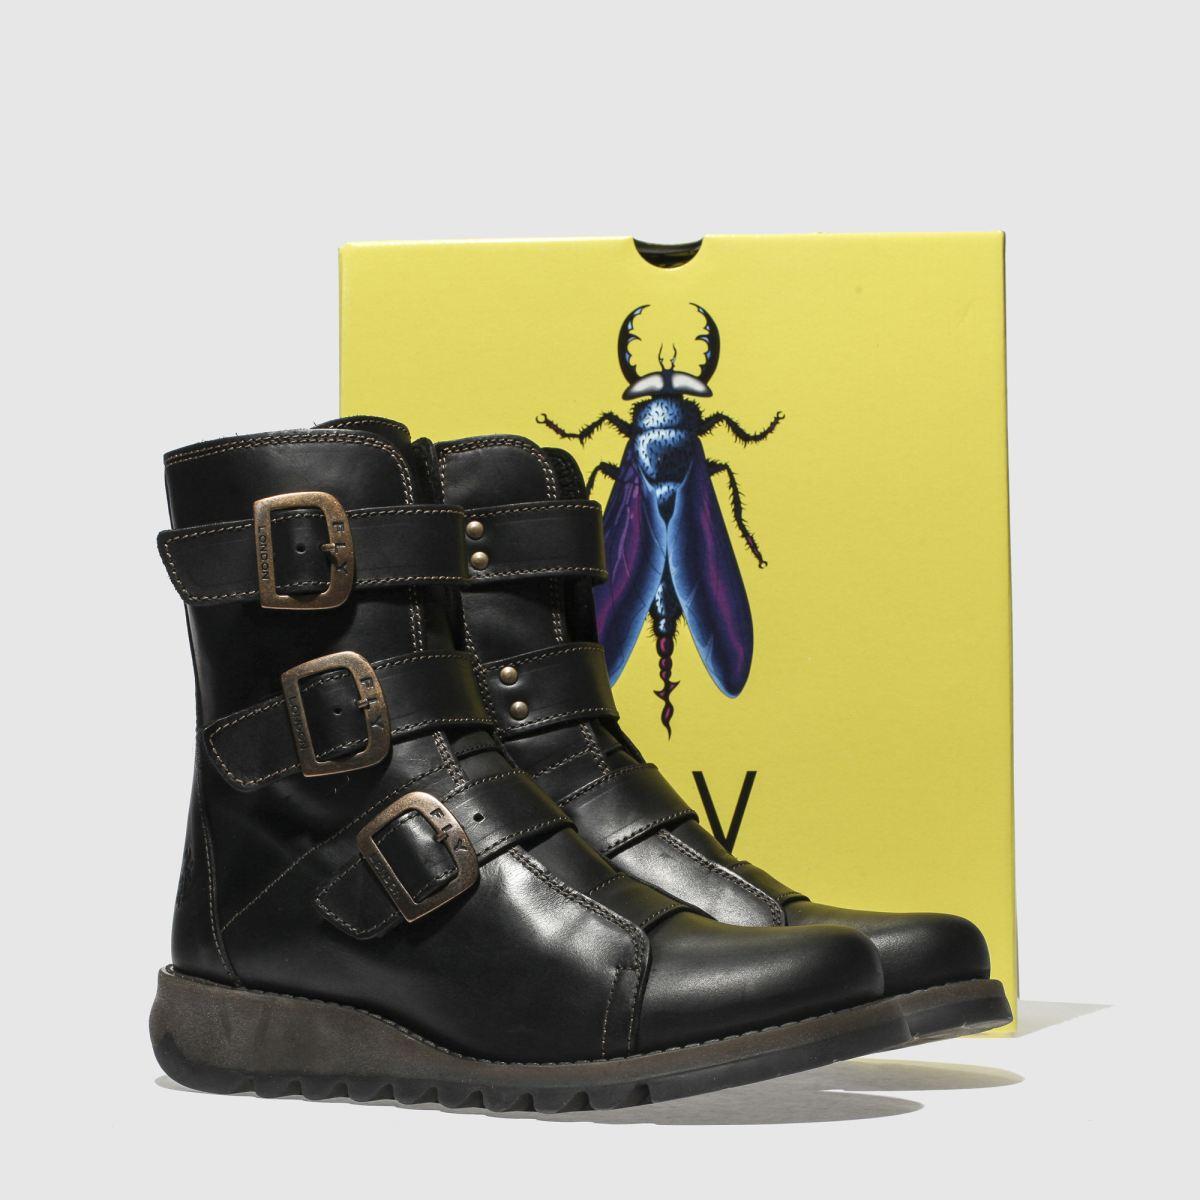 Damen Schwarz fly london Scop Boots beliebte | schuh Gute Qualität beliebte Boots Schuhe f535b1